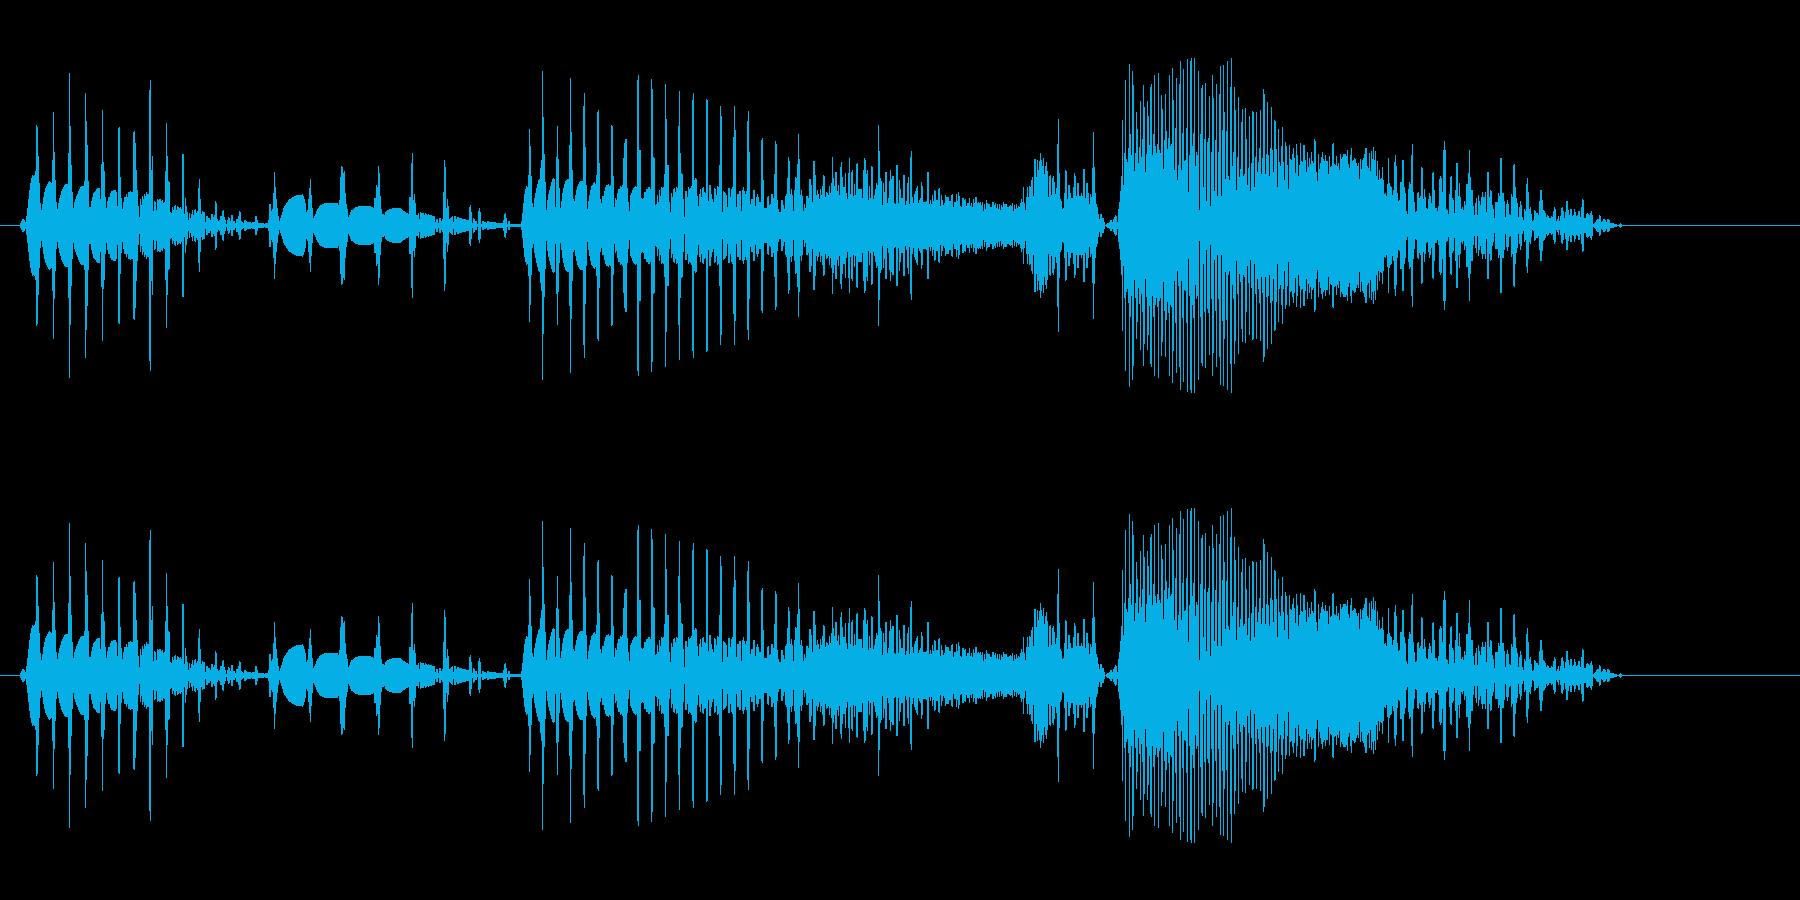 みょんみょんみょん (縮むような音)の再生済みの波形